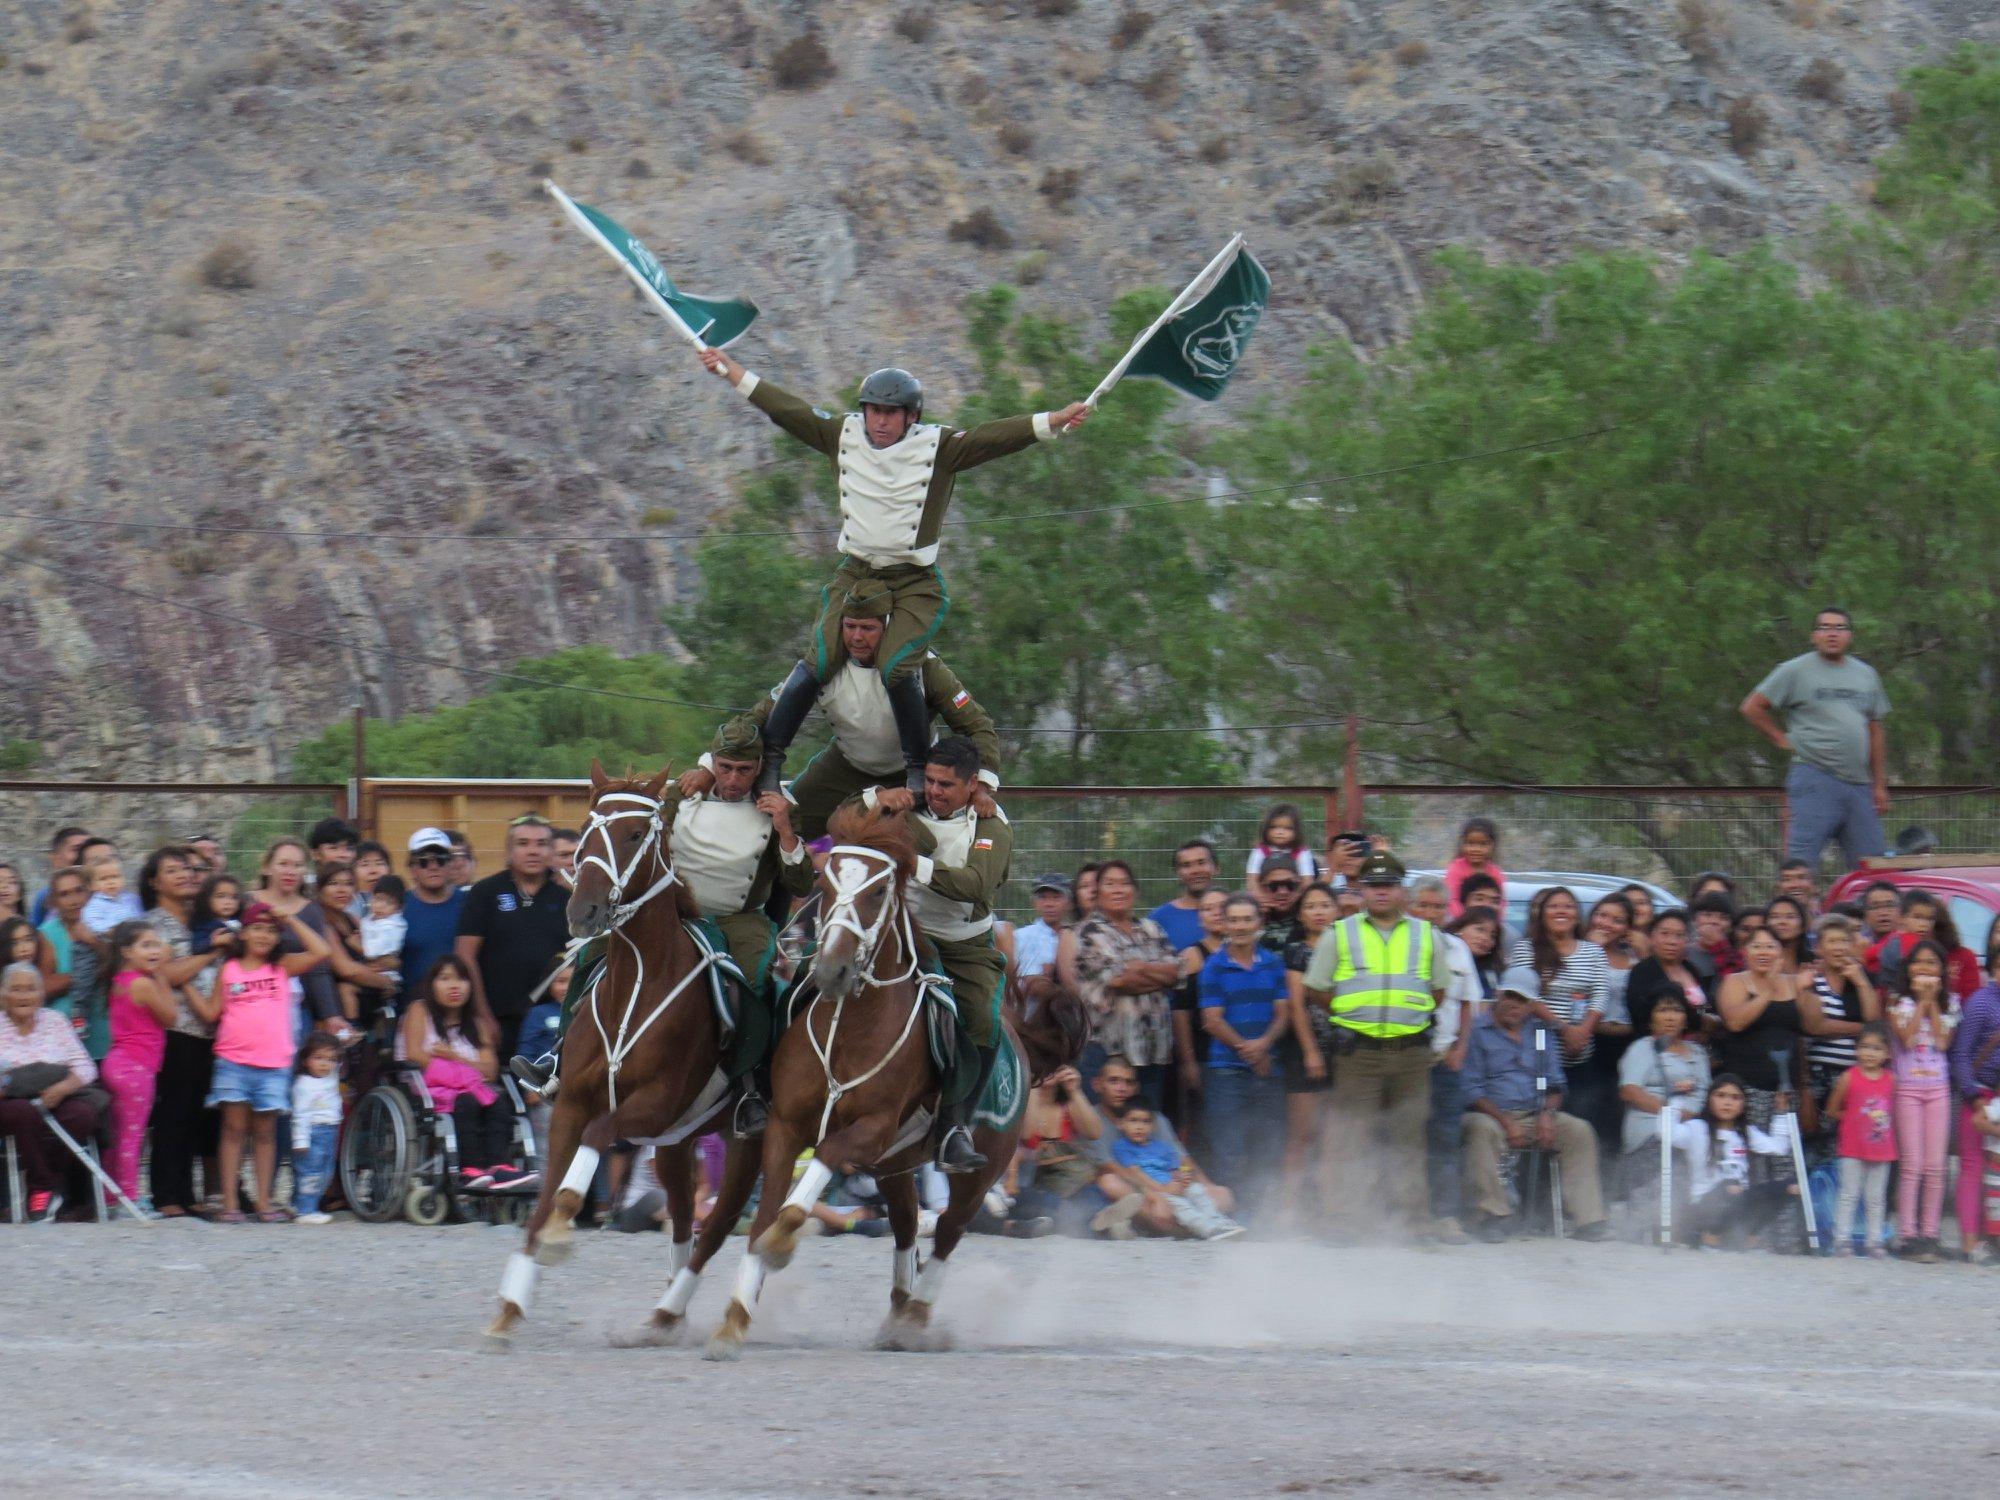 Acrobacias y piruetas de los jinetes junto a sus caballos se tomaron el estadio de Alto del Carmen